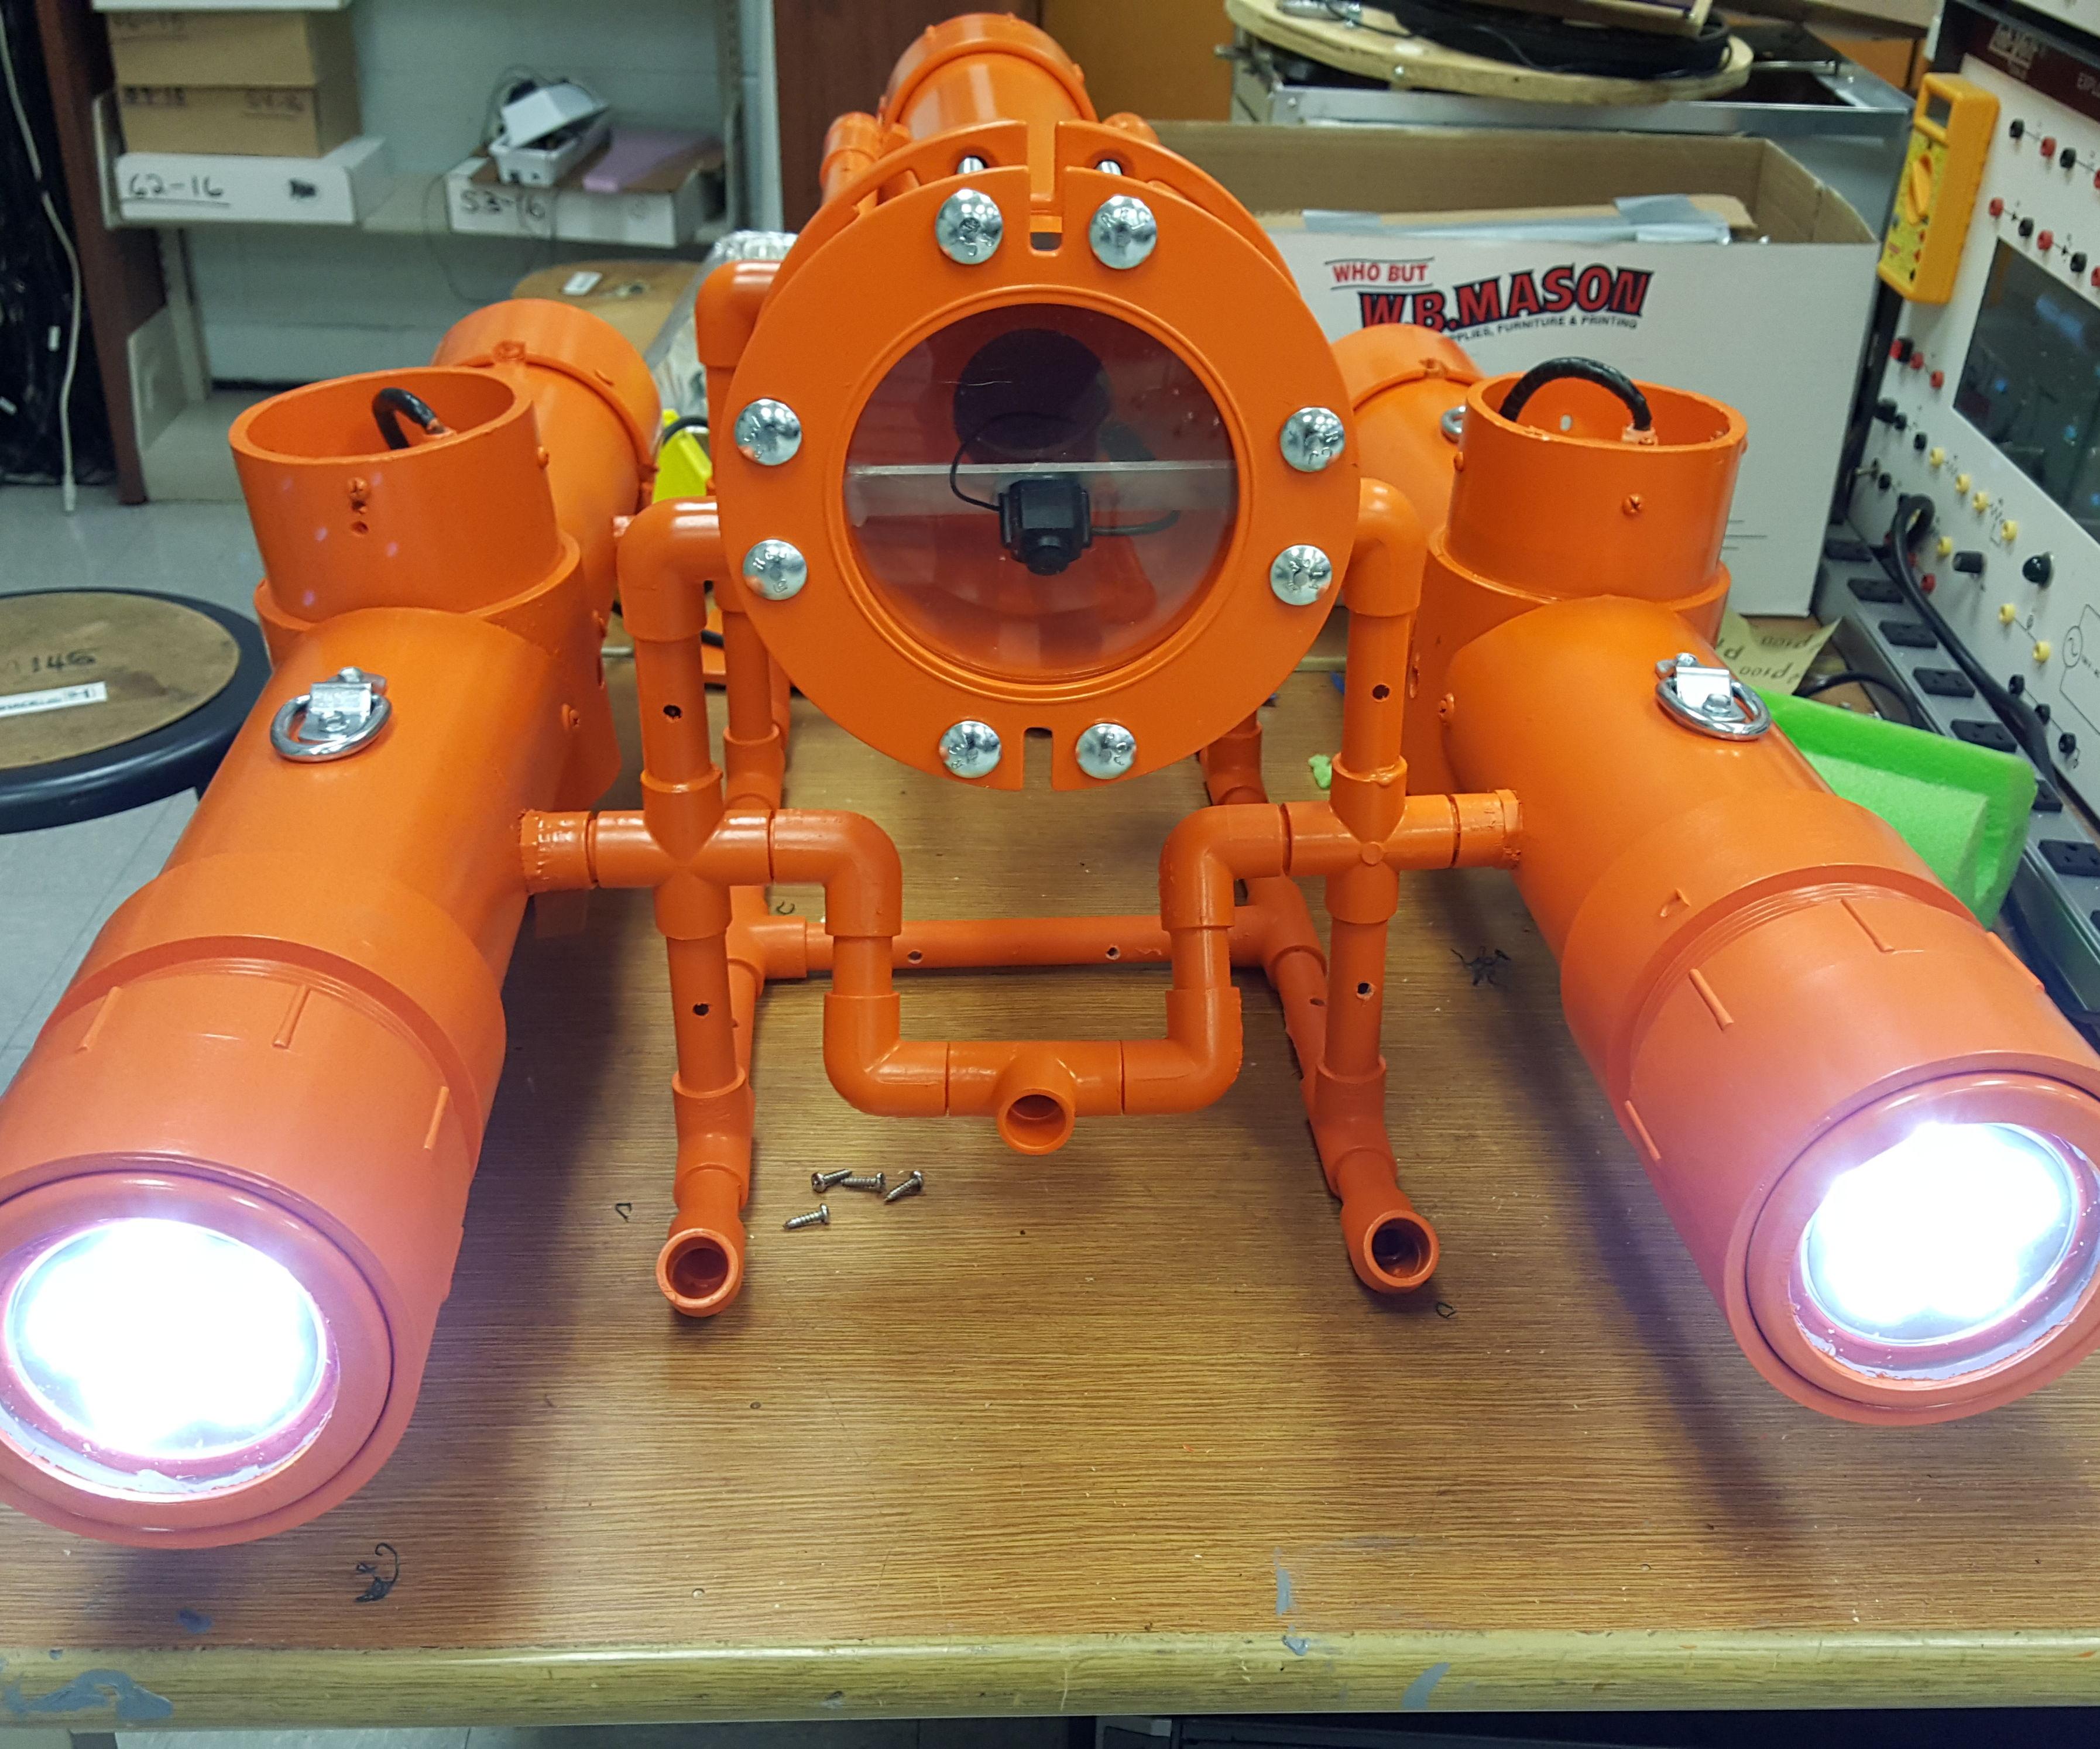 Nautilus -1 Exploration Mini Submarine